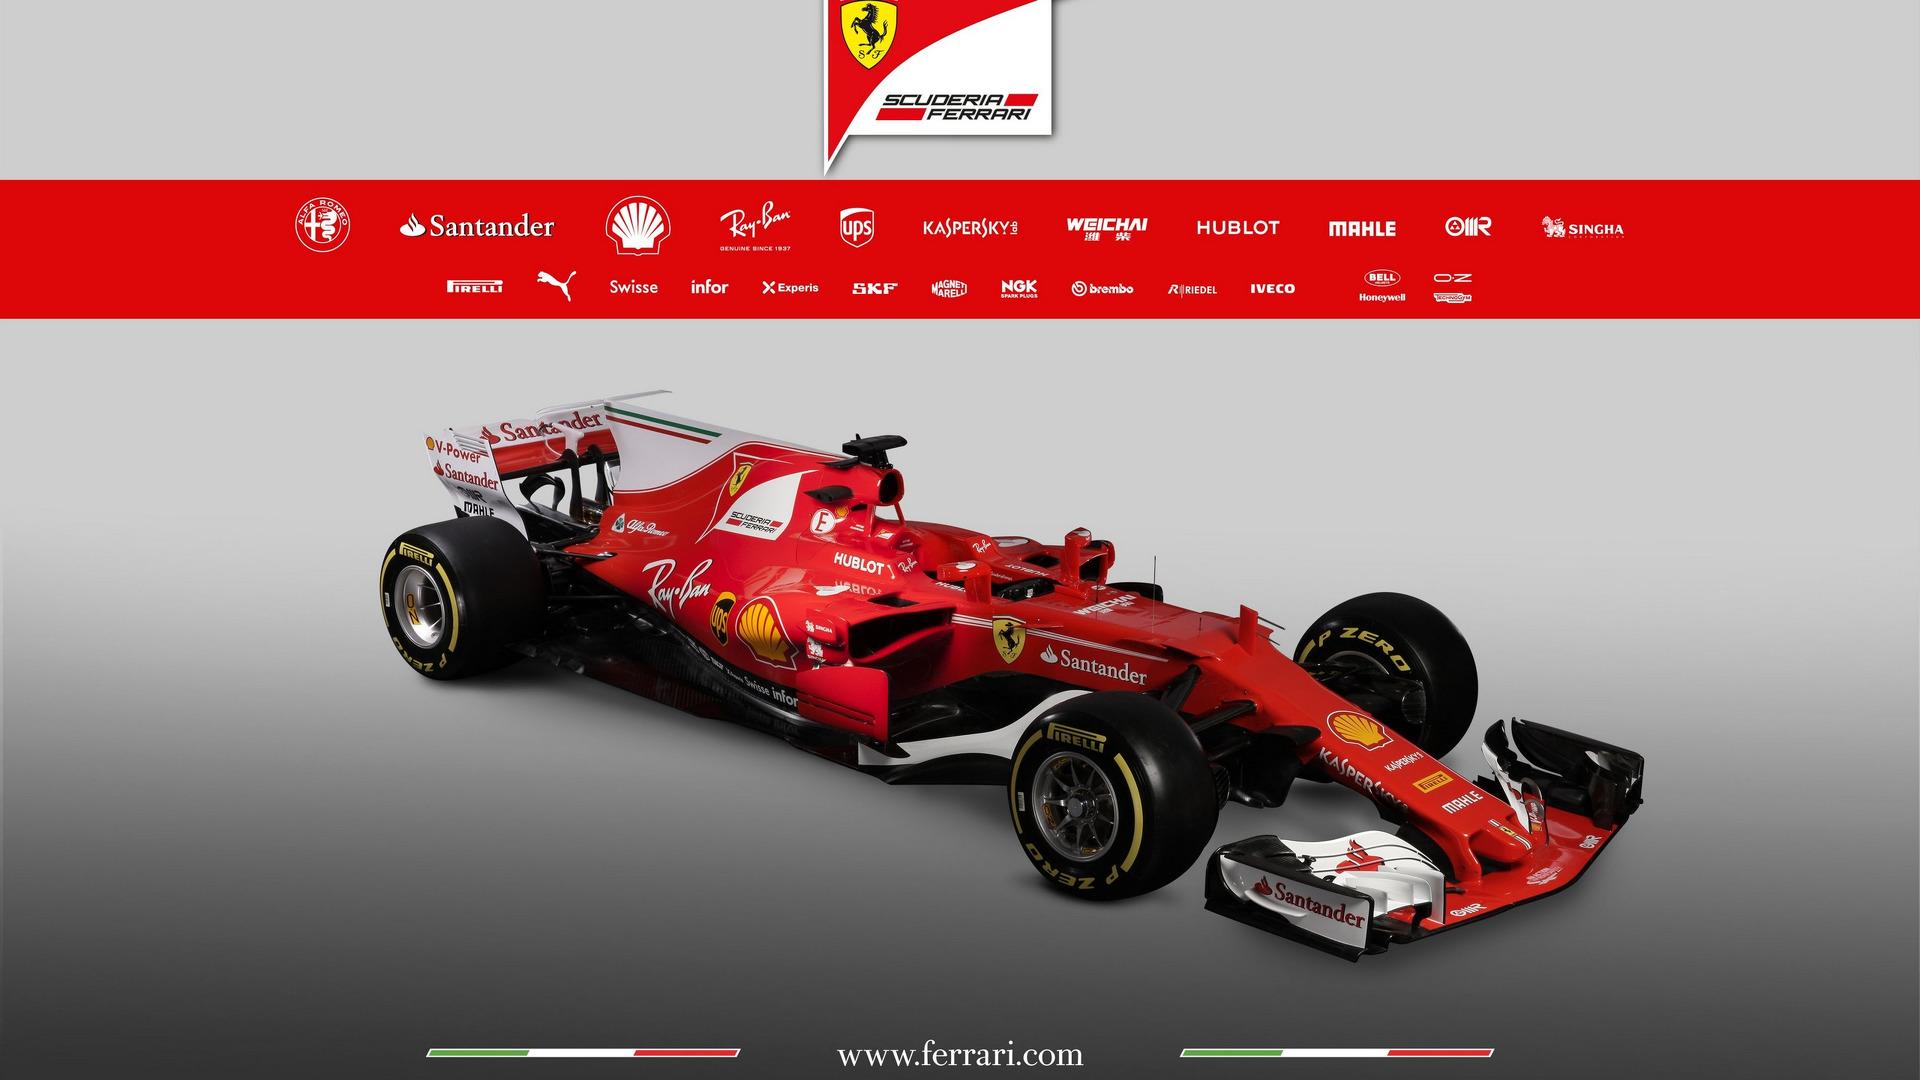 21+ Ferrari F1 2017 Hd Wallpaper  Images